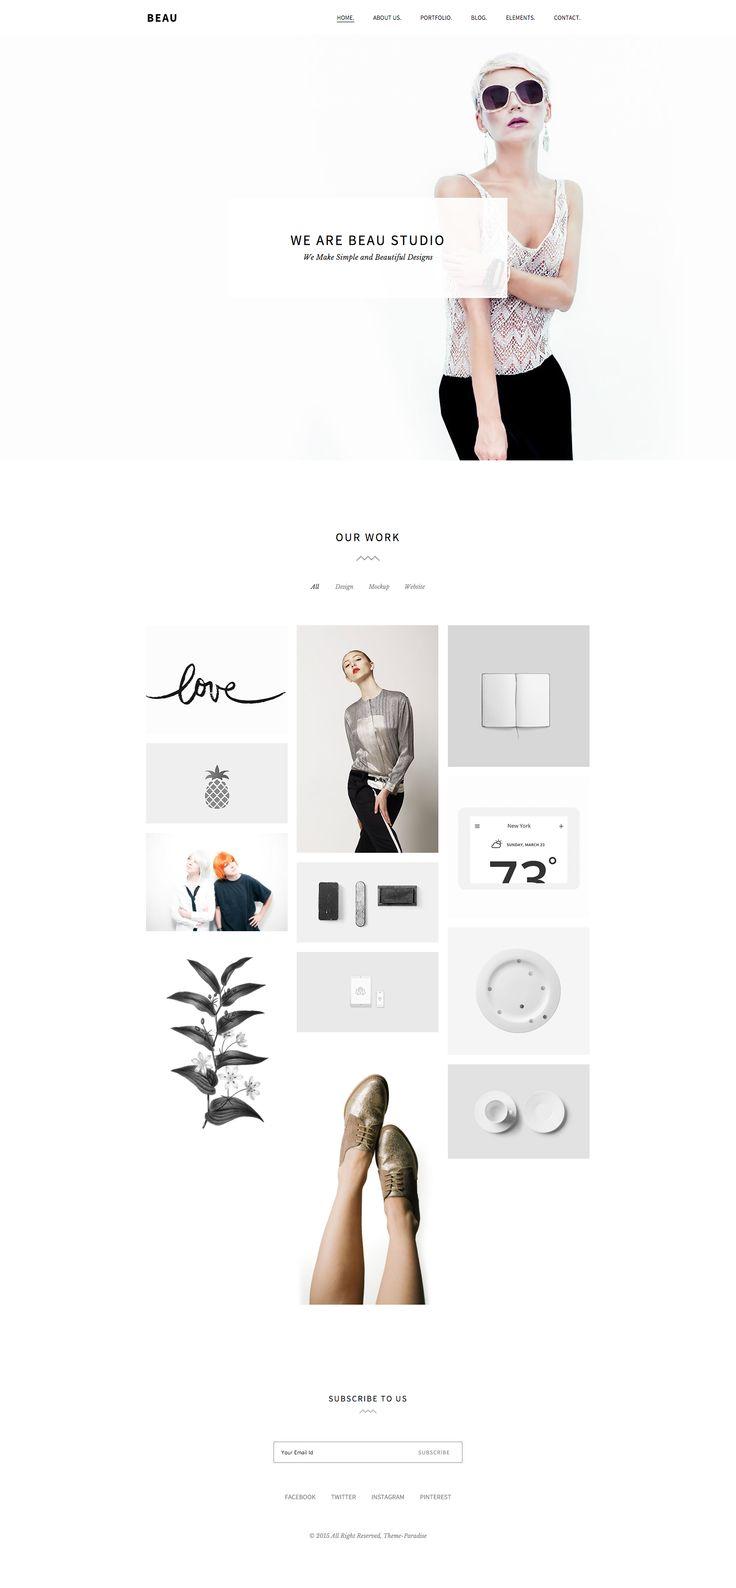 Beau - Minimal Portfolio/Agency WordPress Theme  Themeforest